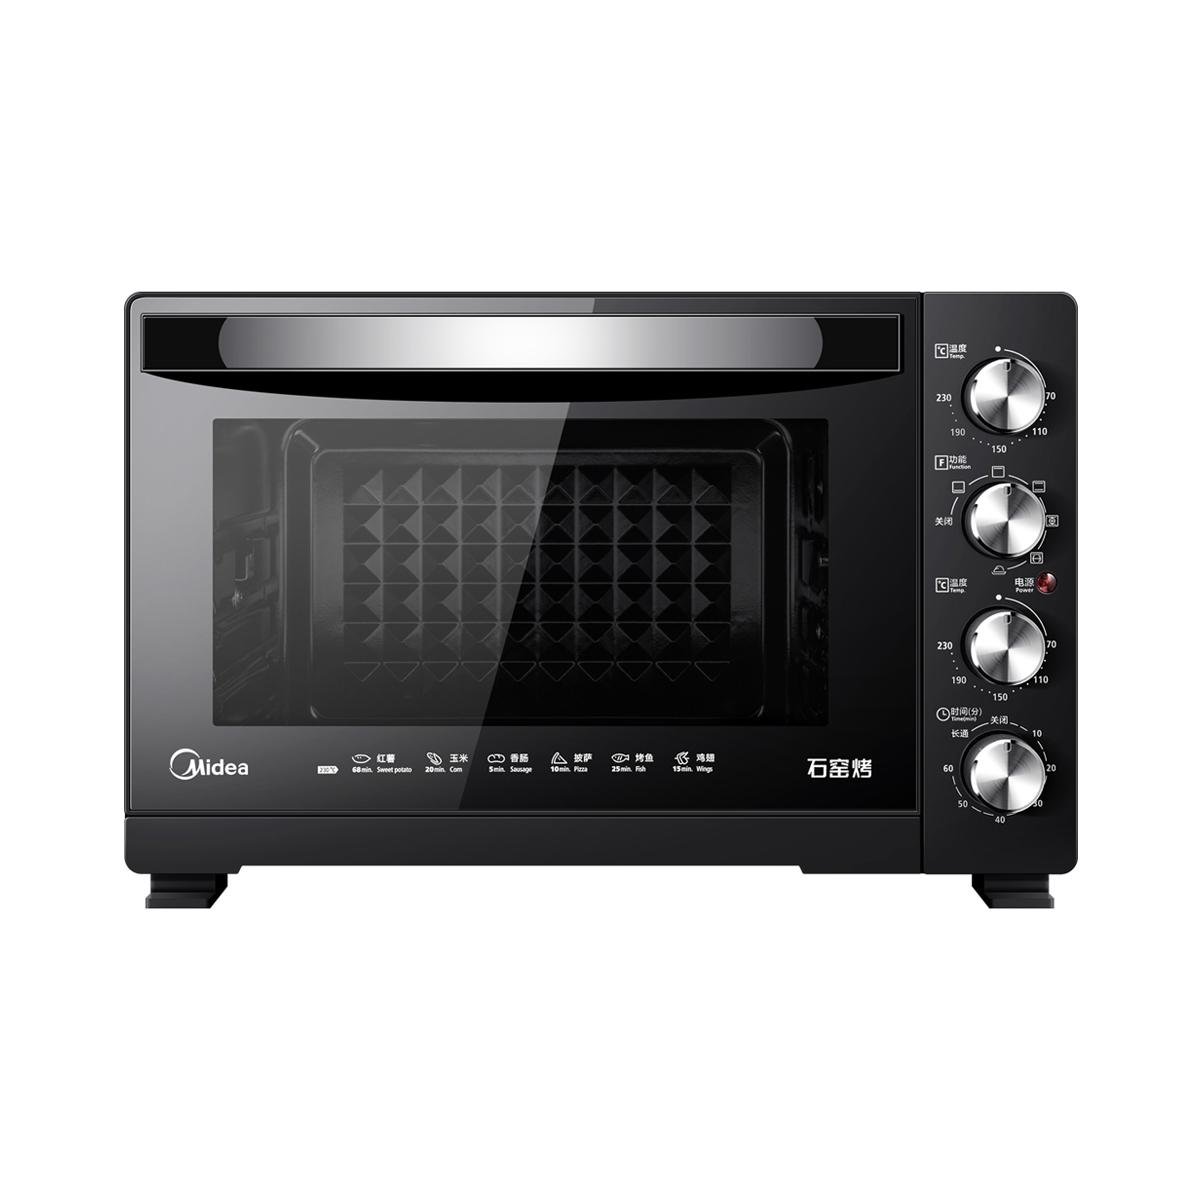 Midea/美的 T3-L327E电烤箱 说明书.pdf